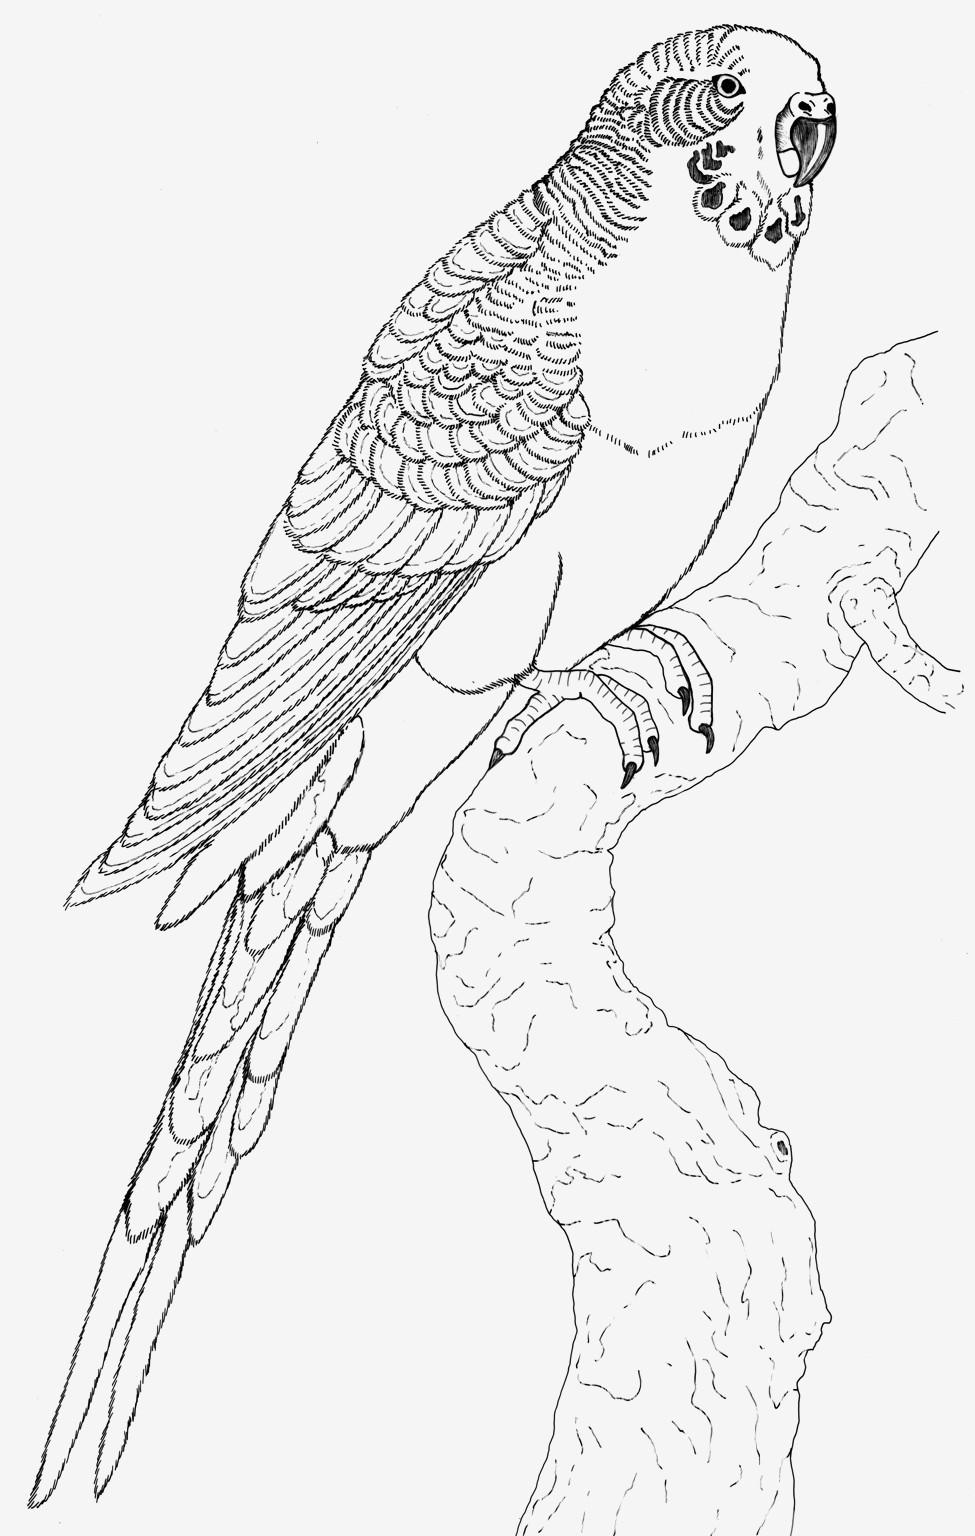 Papagei Zum Ausmalen Frisch 40 Schön Papagei Ausmalbilder – Große Coloring Page Sammlung Das Bild